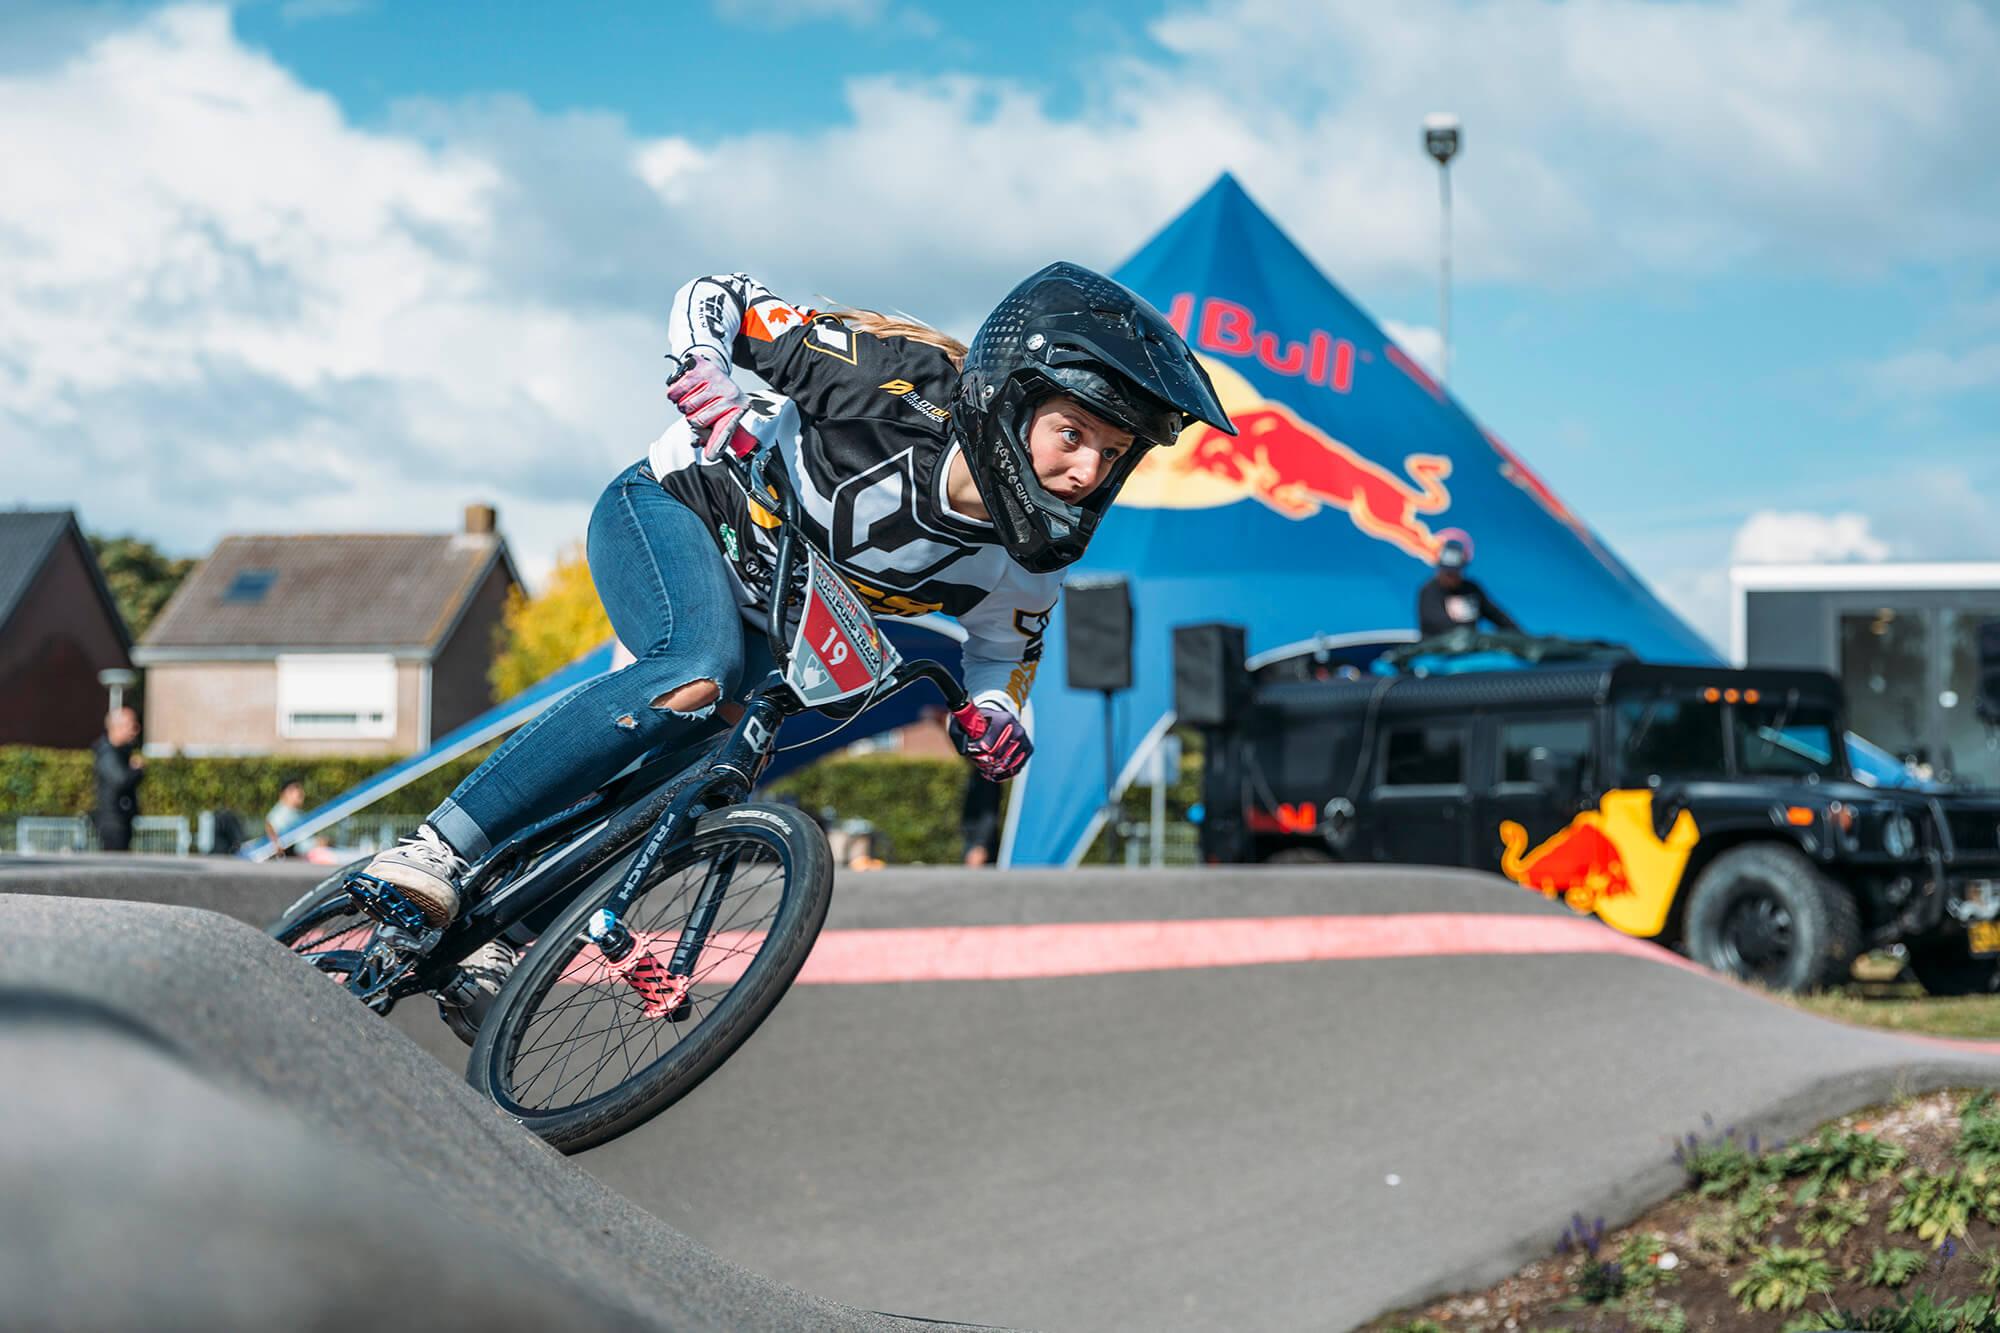 Red Bull Pump Track Roosendaal - Ydwer van der Heide -0287